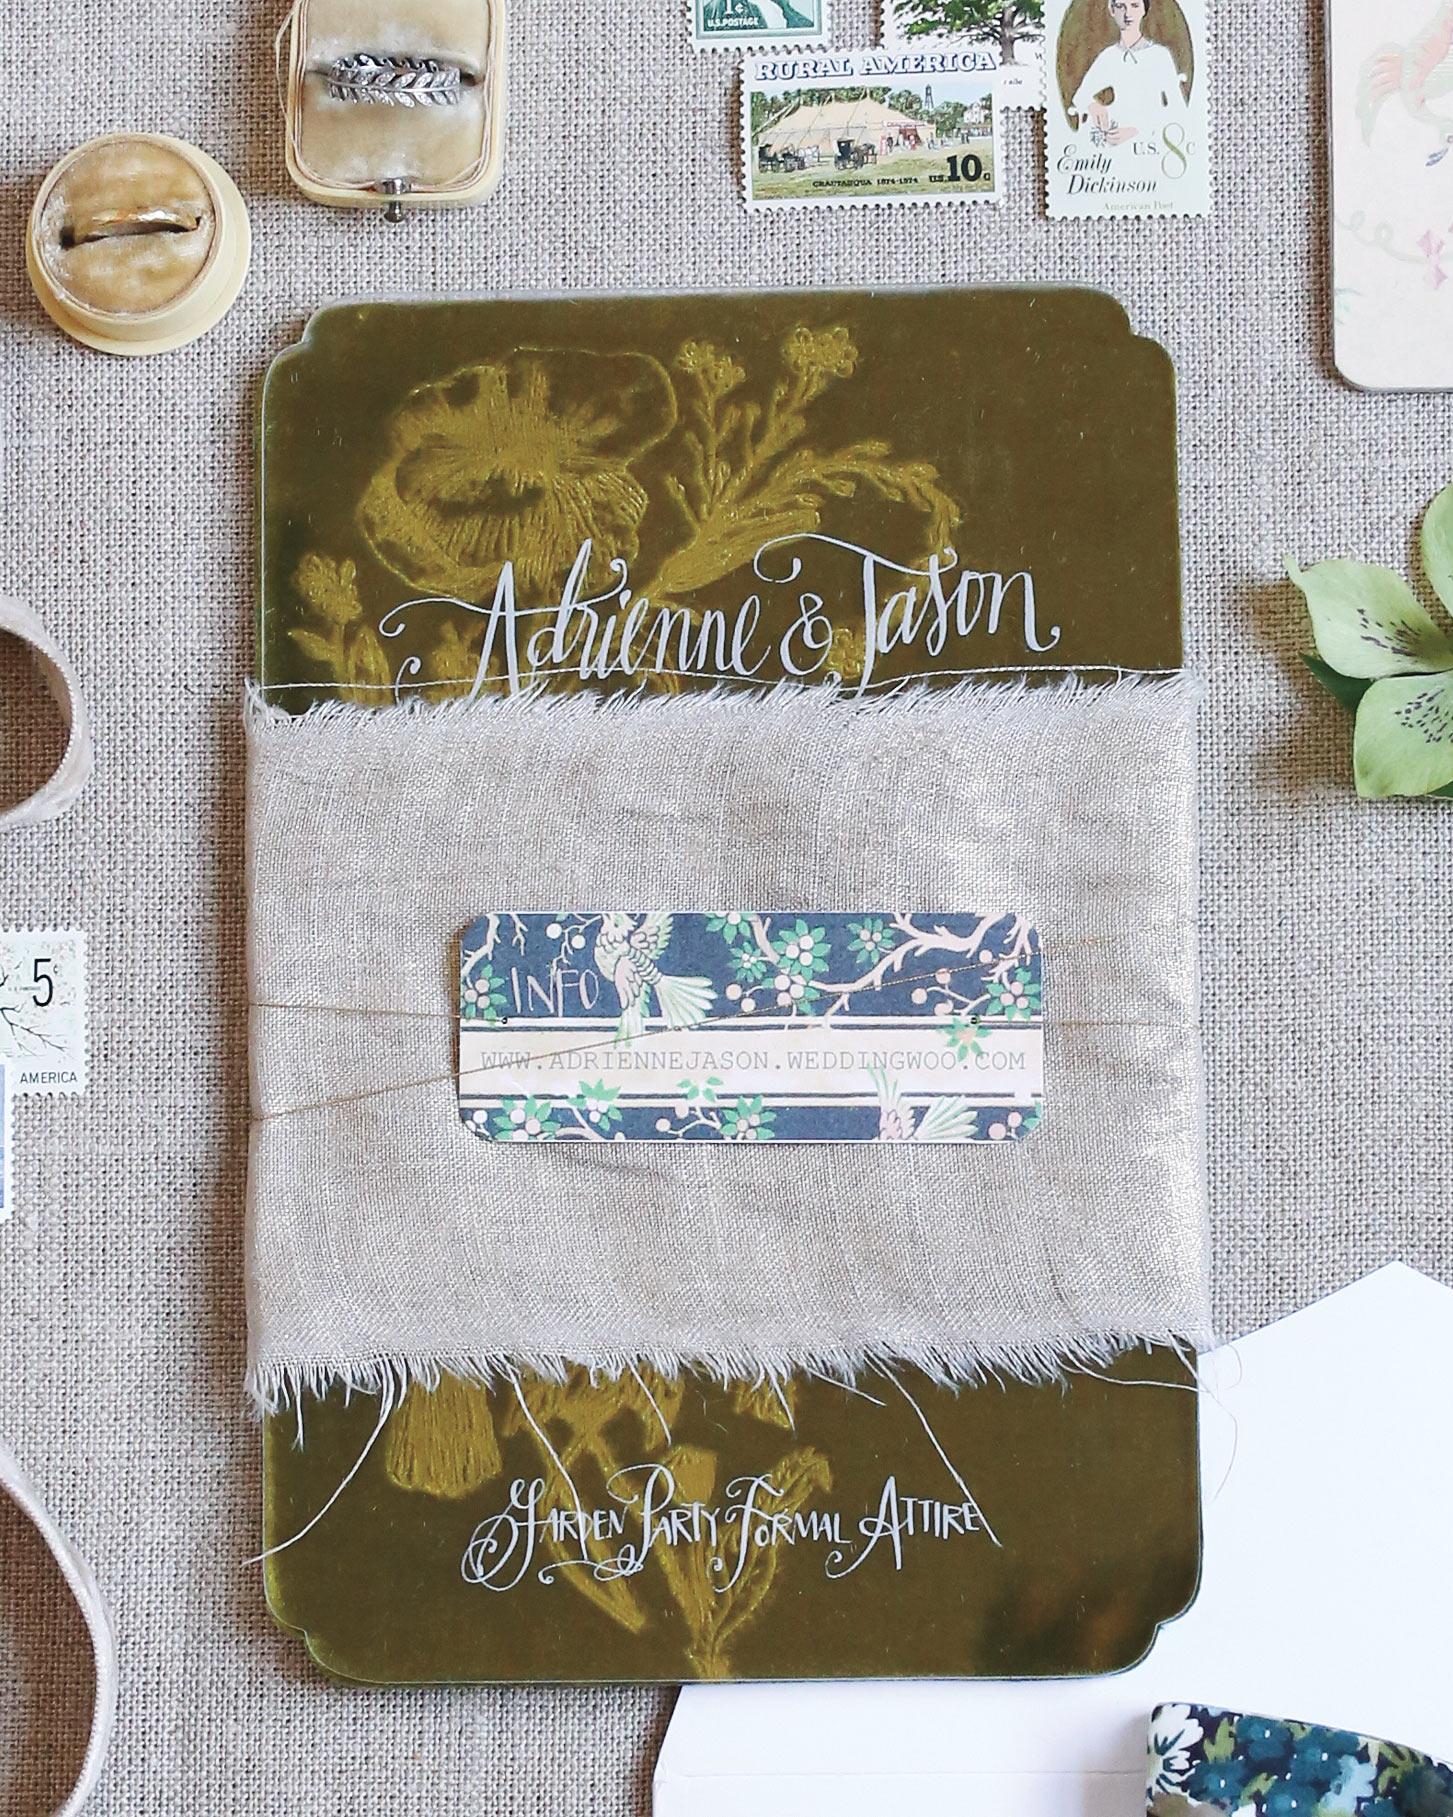 adrienne-jason-wedding-minnesota-invitation-suite-0338-s111925.jpg